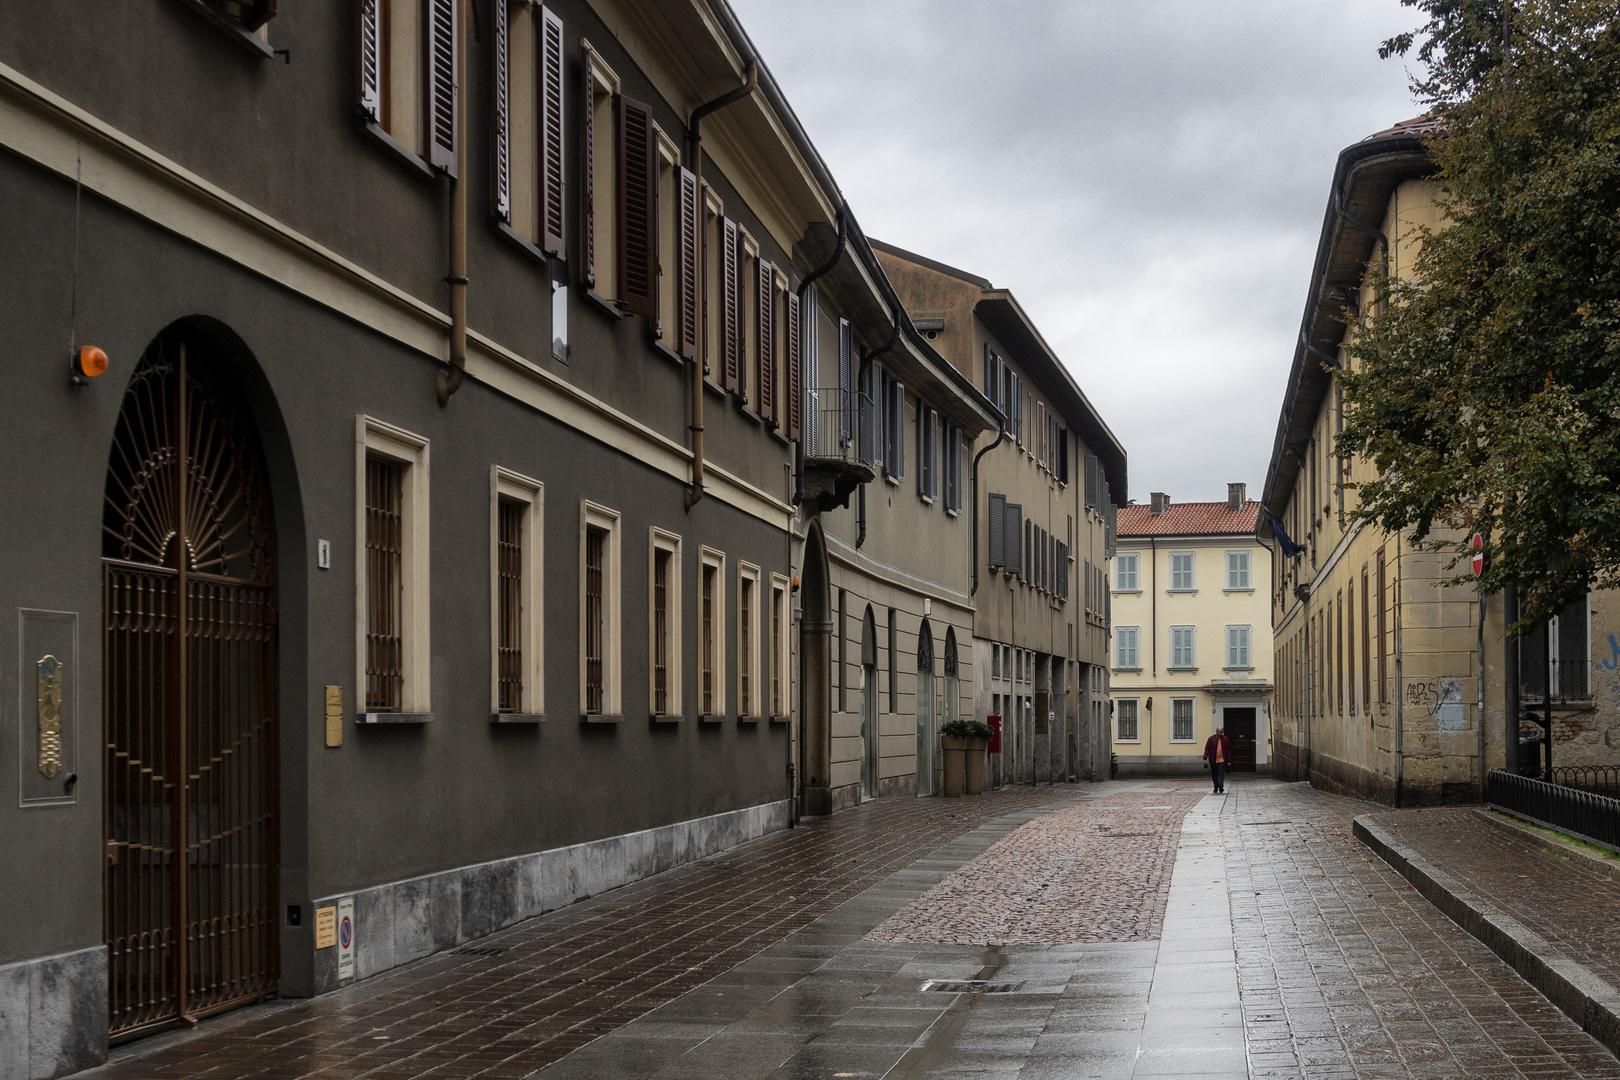 Via San Martino, Monza